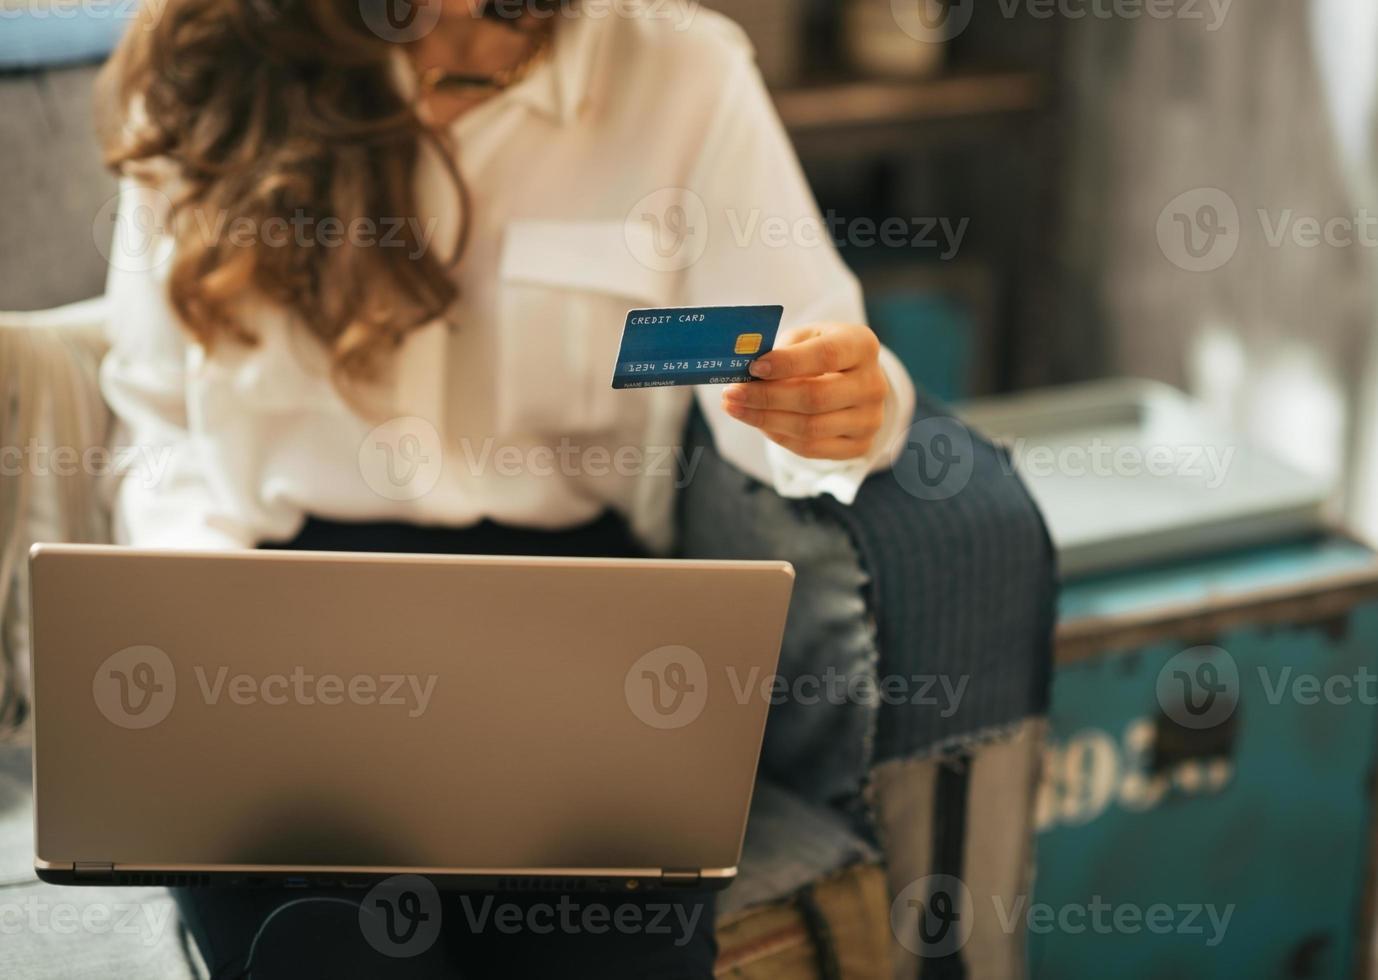 Nahaufnahme auf junge Frau, die Online-Shopping macht foto